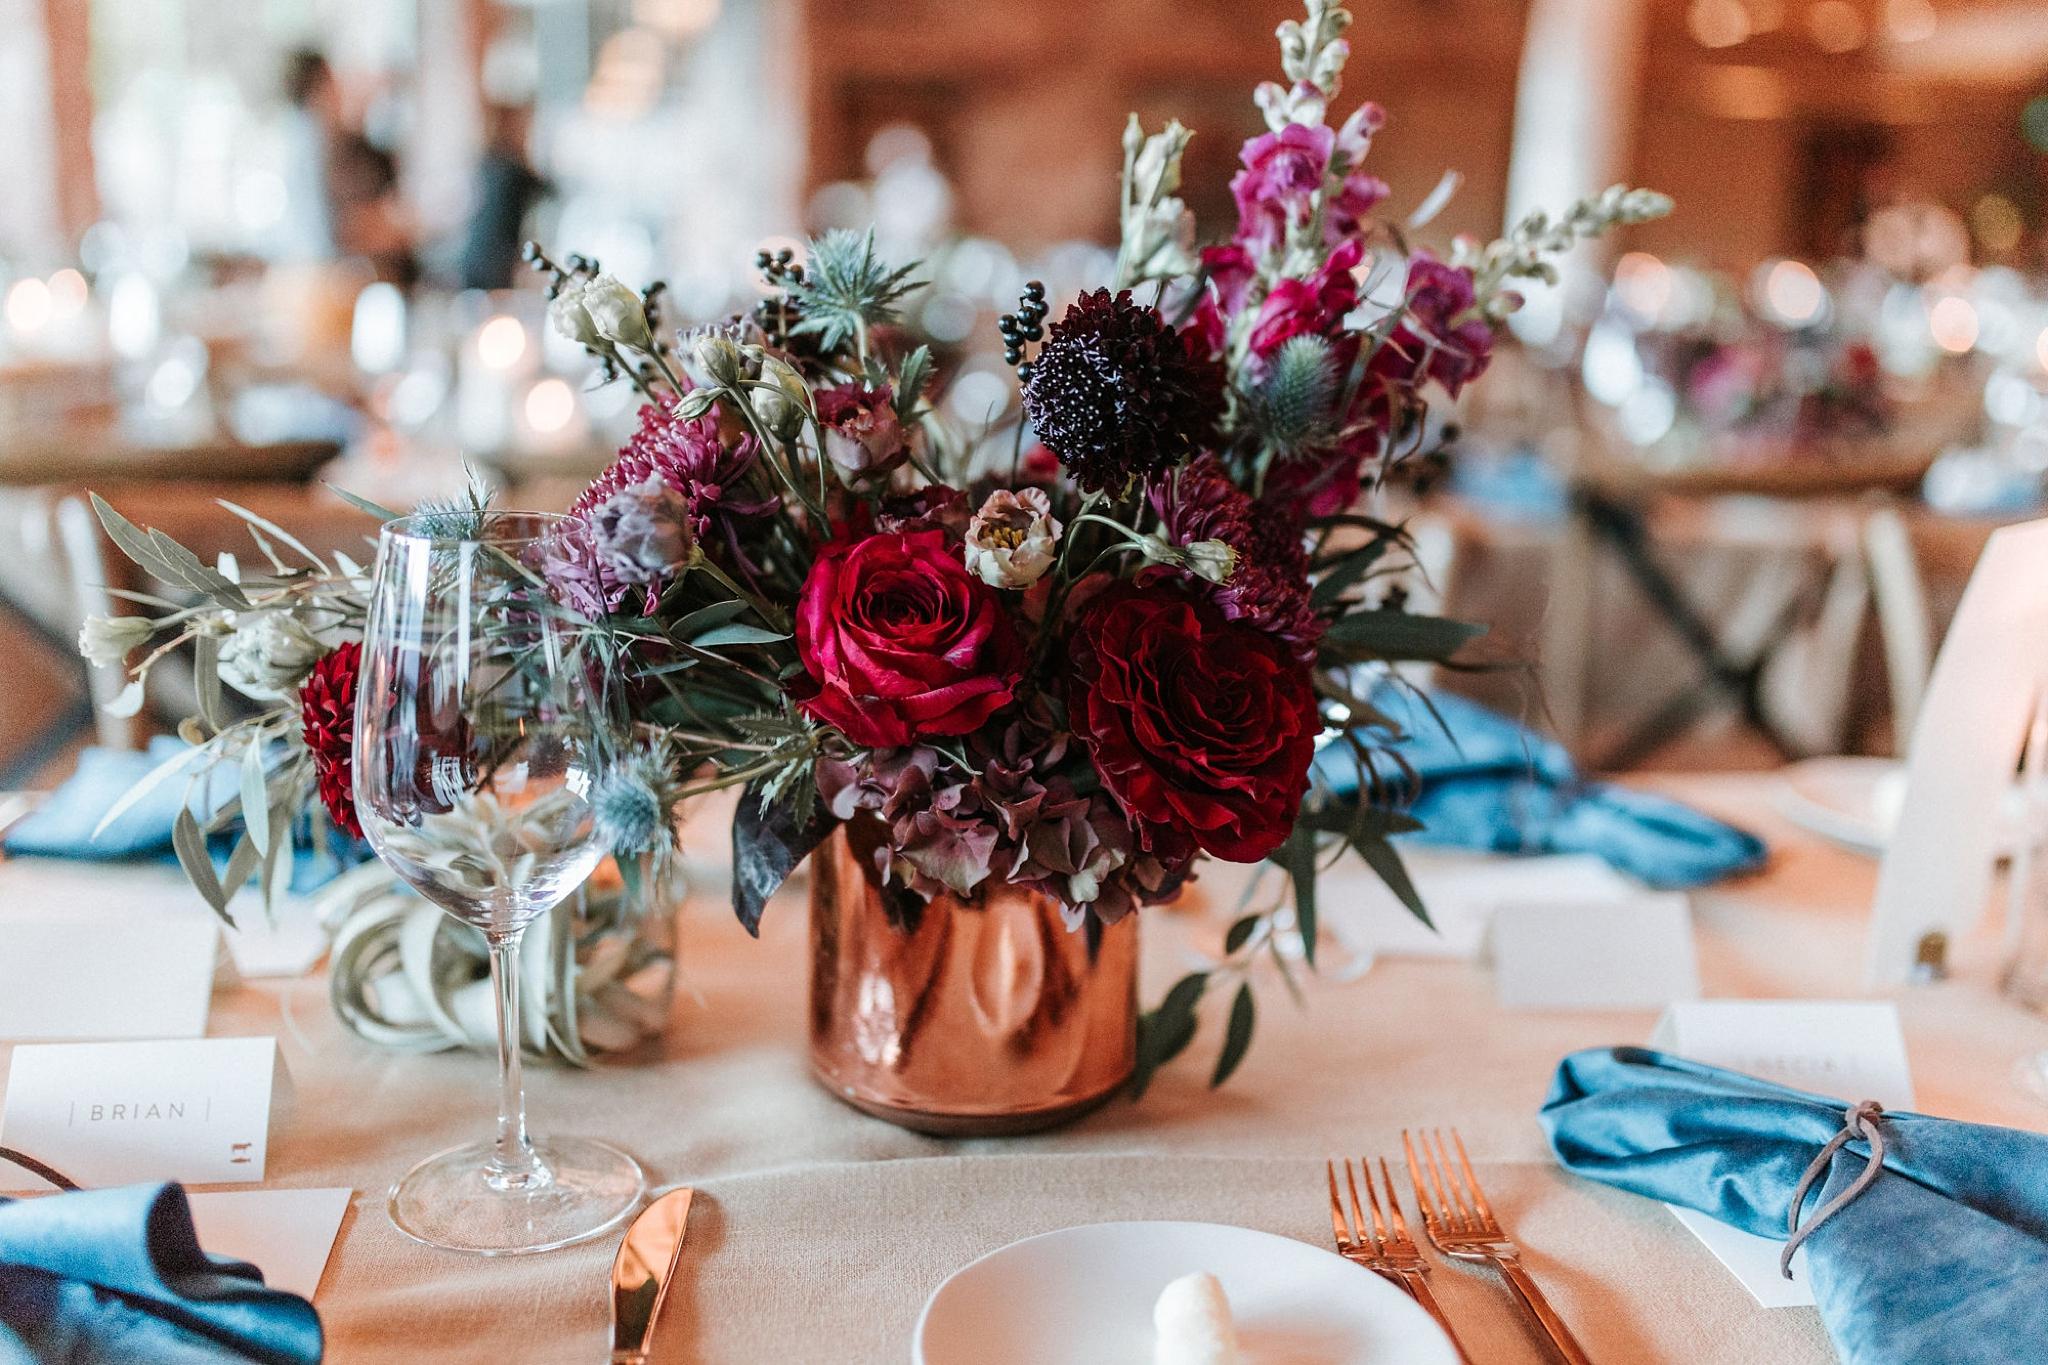 Alicia+lucia+photography+-+albuquerque+wedding+photographer+-+santa+fe+wedding+photography+-+new+mexico+wedding+photographer+-+new+mexico+wedding+-+new+mexico+florist+-+floriography+flowers+-+floriography+flowers+new+mexico+-+wedding+florist_0073.jpg